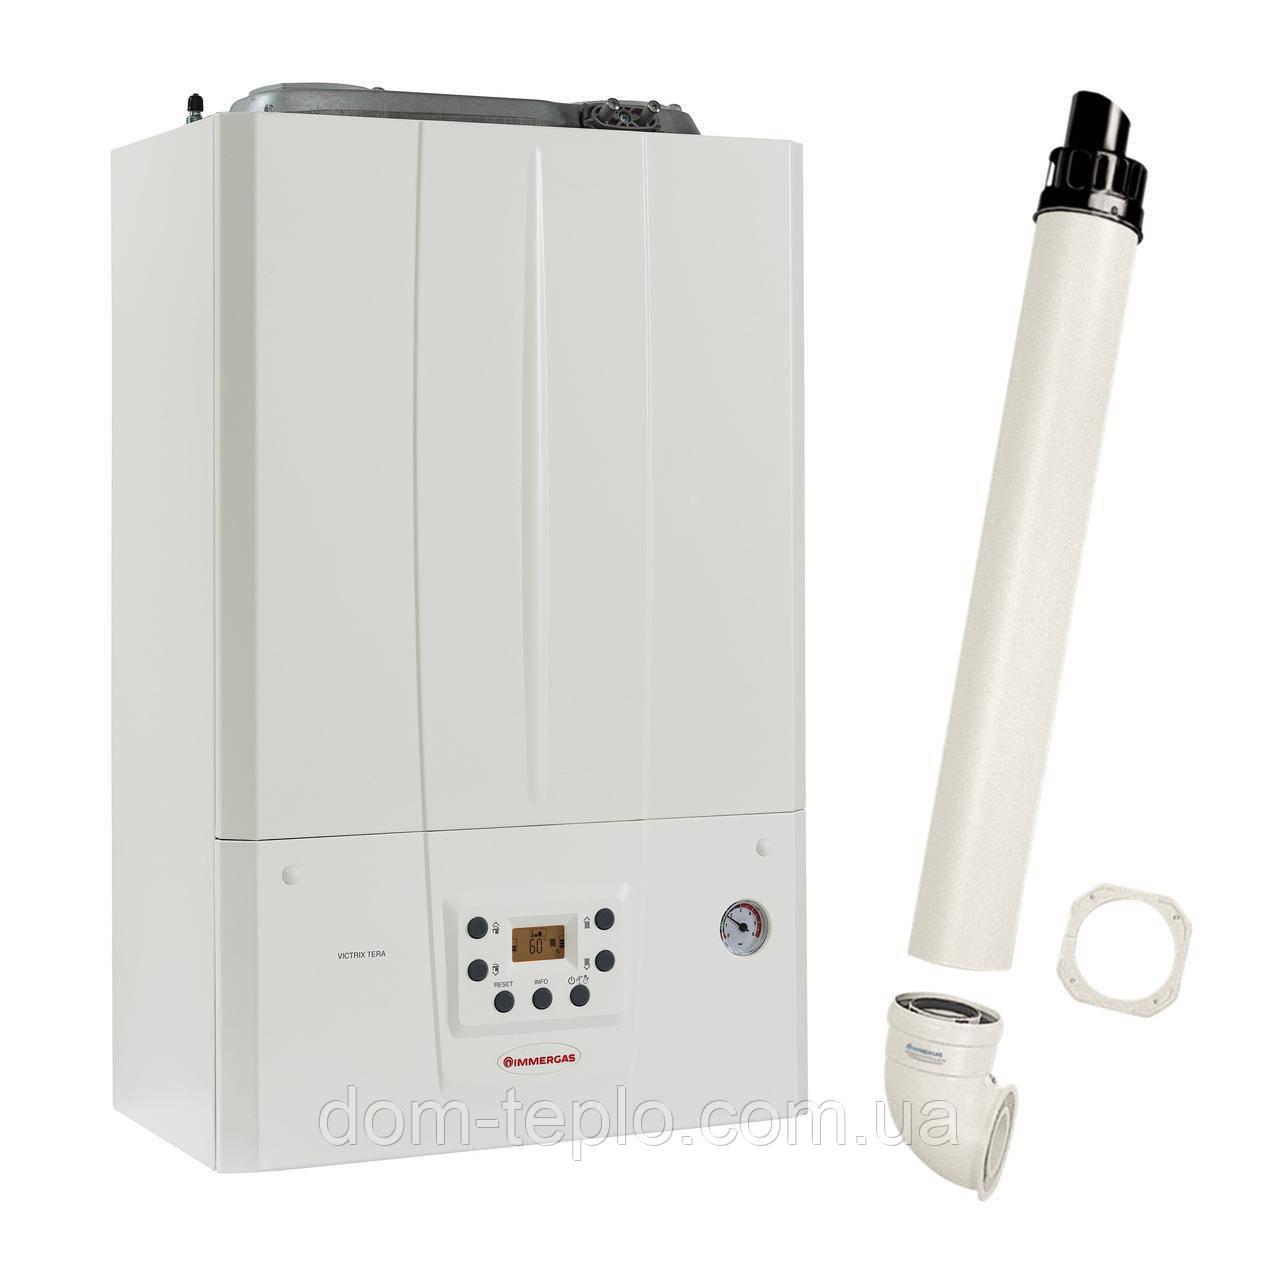 ❧ Котел конденсационный Immergas Victrix Tera 32 1 двухконтурный газовый